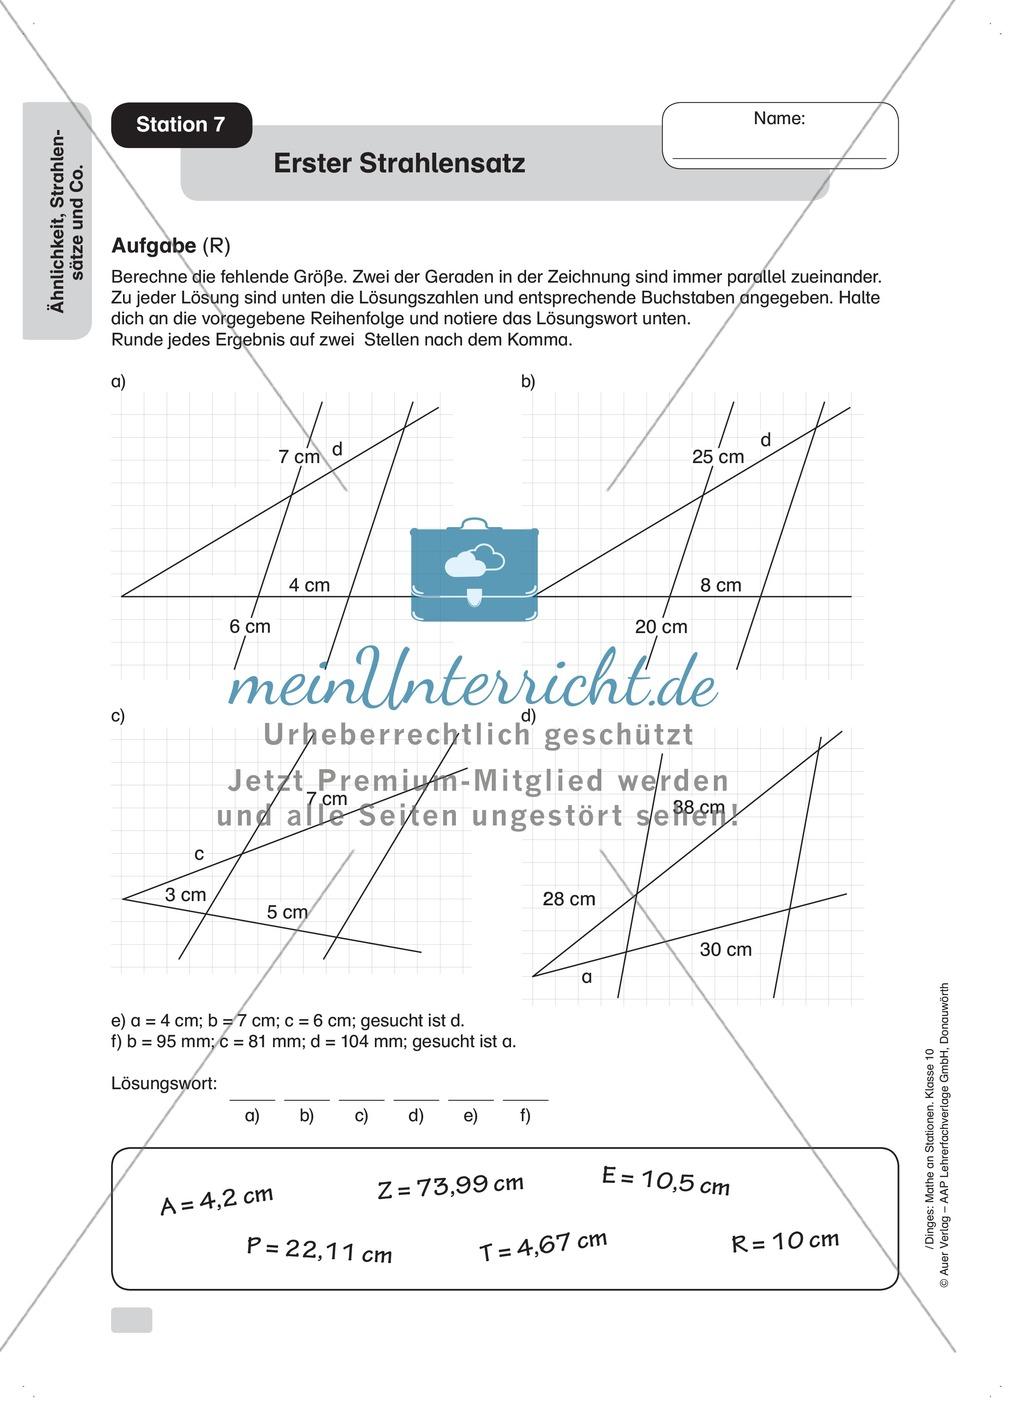 Ausgezeichnet Mathe Arbeitsblatt Verhältnisse Ideen - Mathe ...